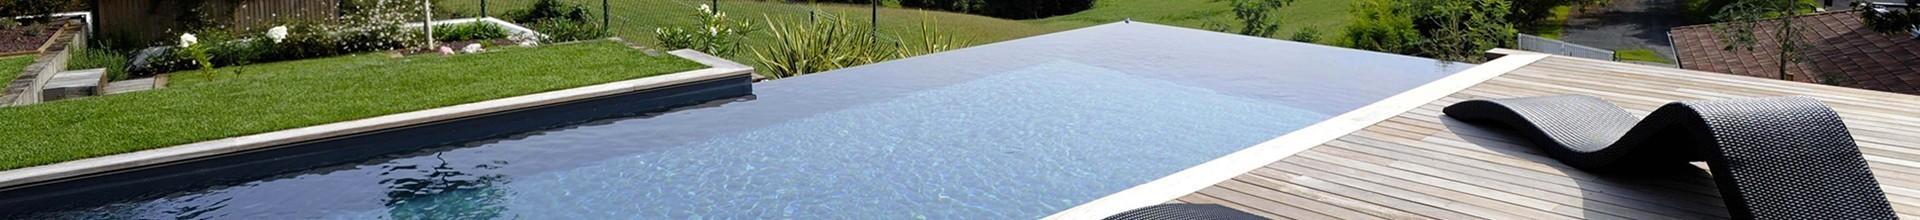 Pays de la Loire Fabricant d'une piscine révolutionnaire et innovante